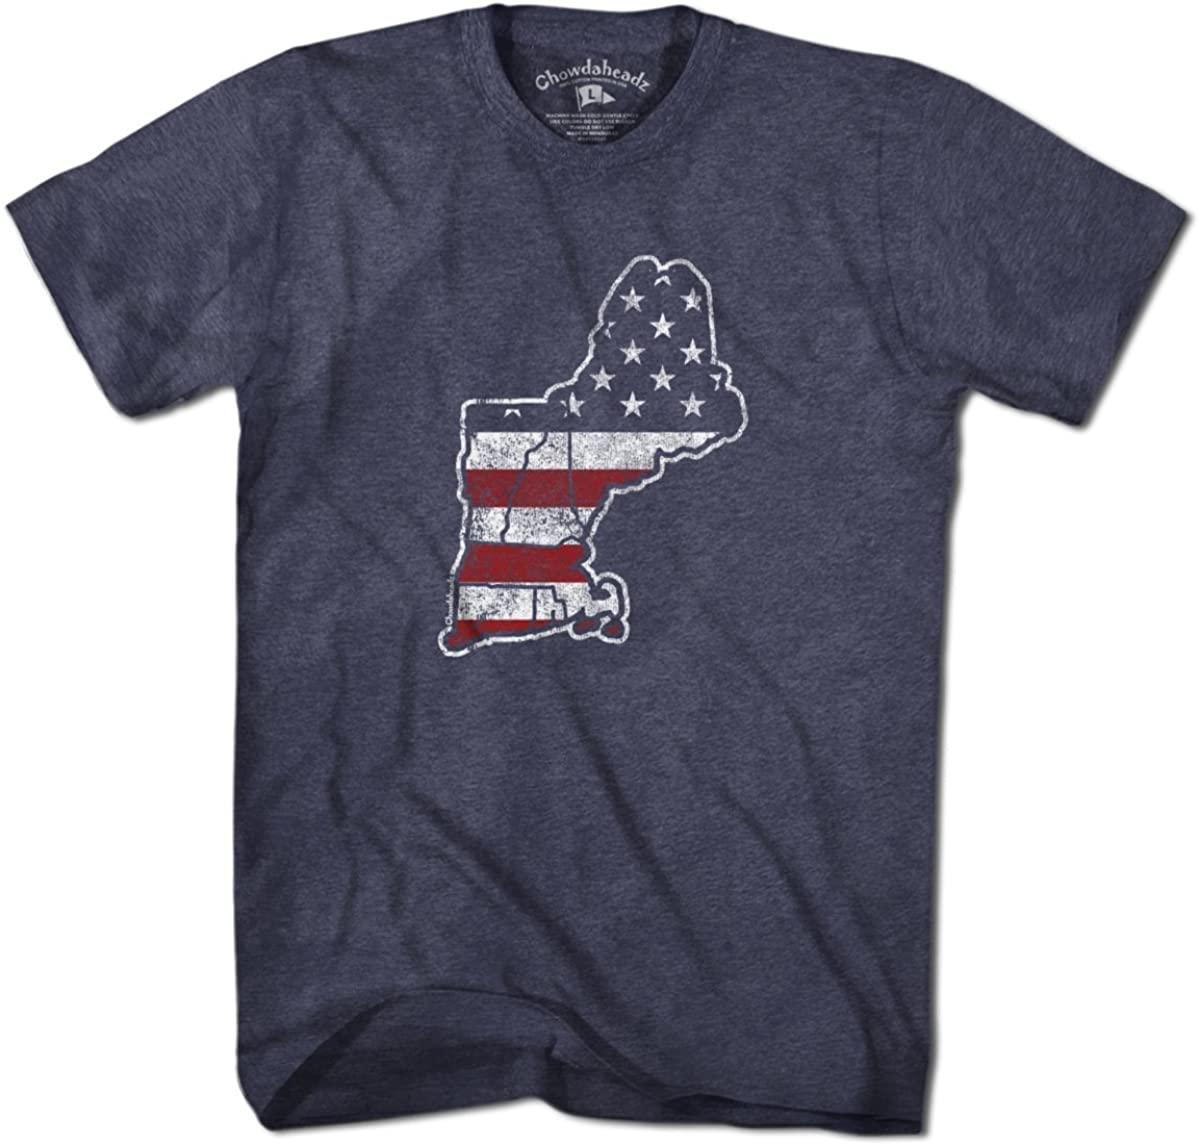 New England USA T-Shirt